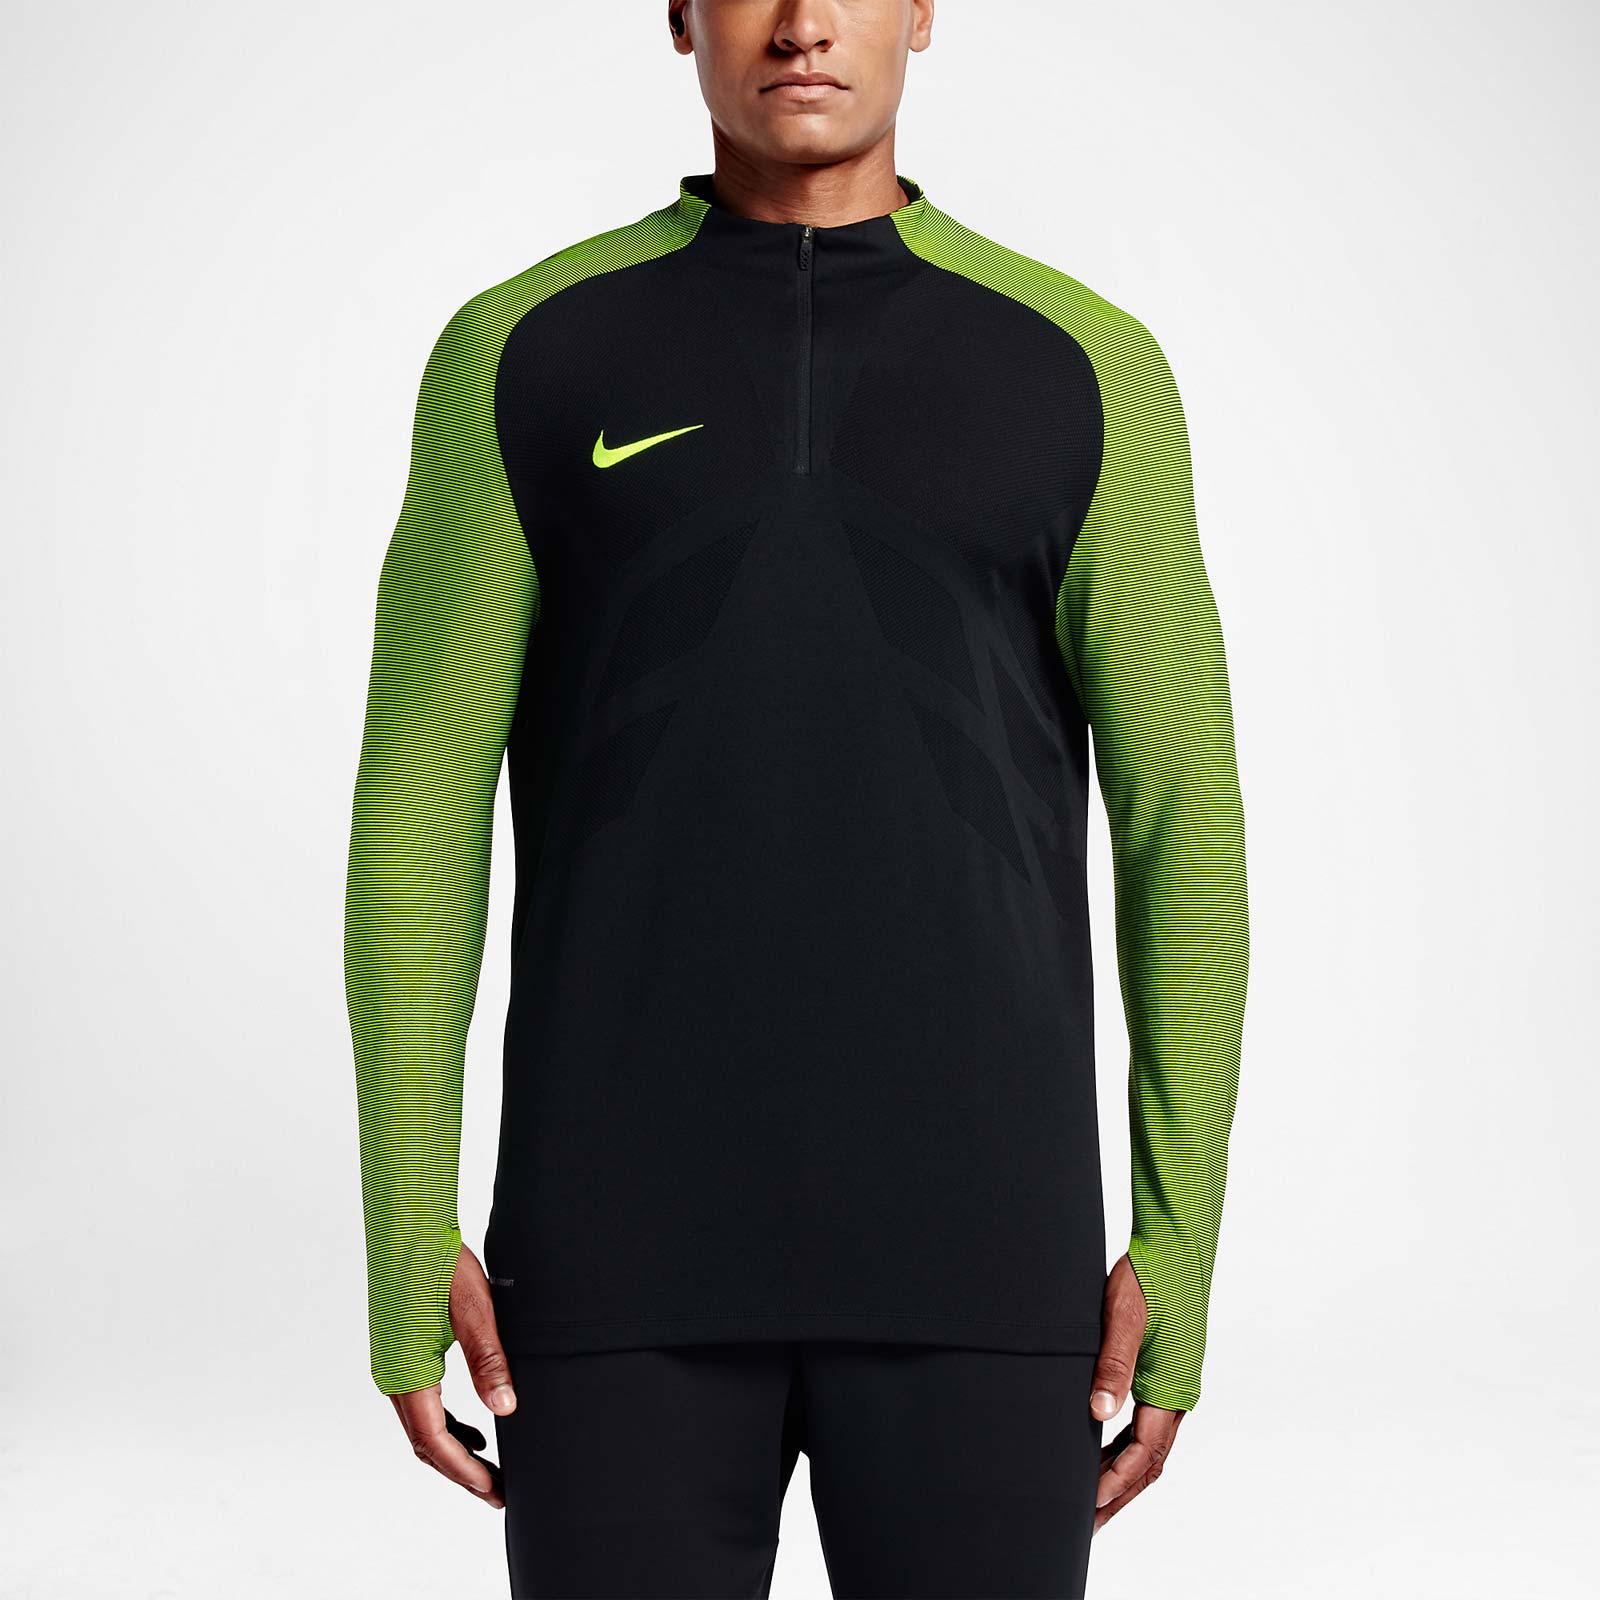 Nike Launches AeroSwift Training Range - Footy Headlines